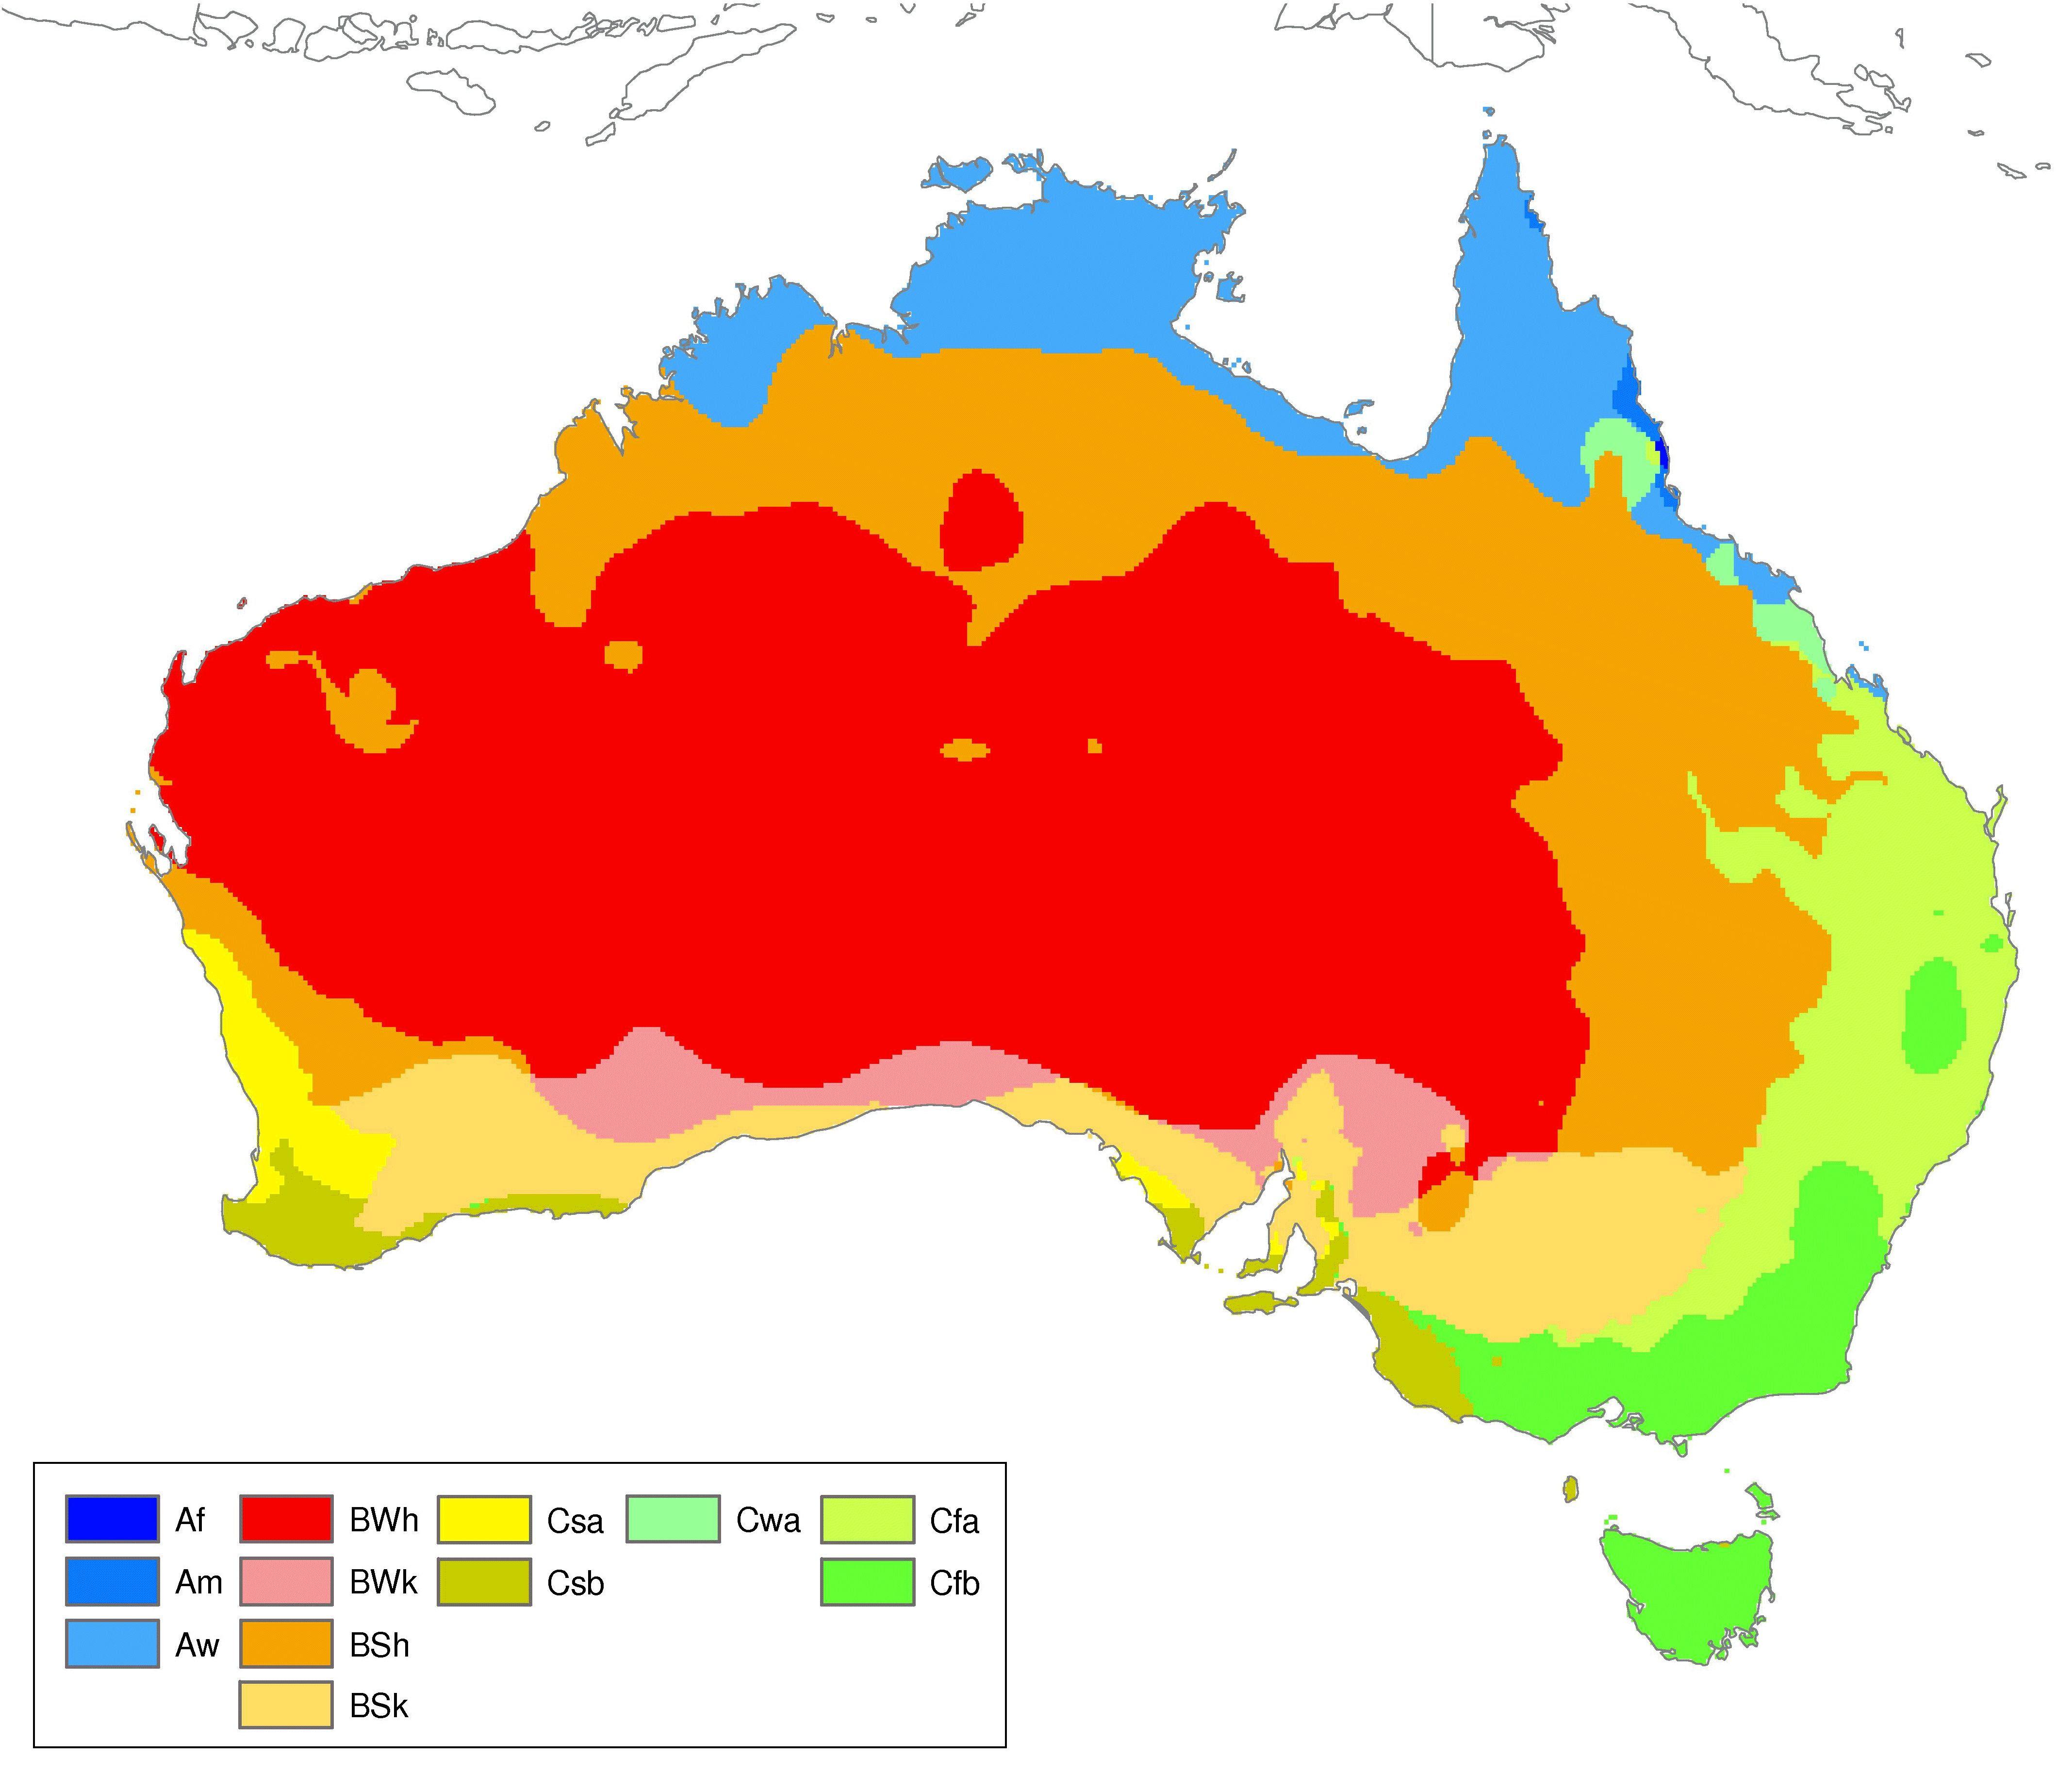 Koppen Climate Classification Chart - ClipArt Best